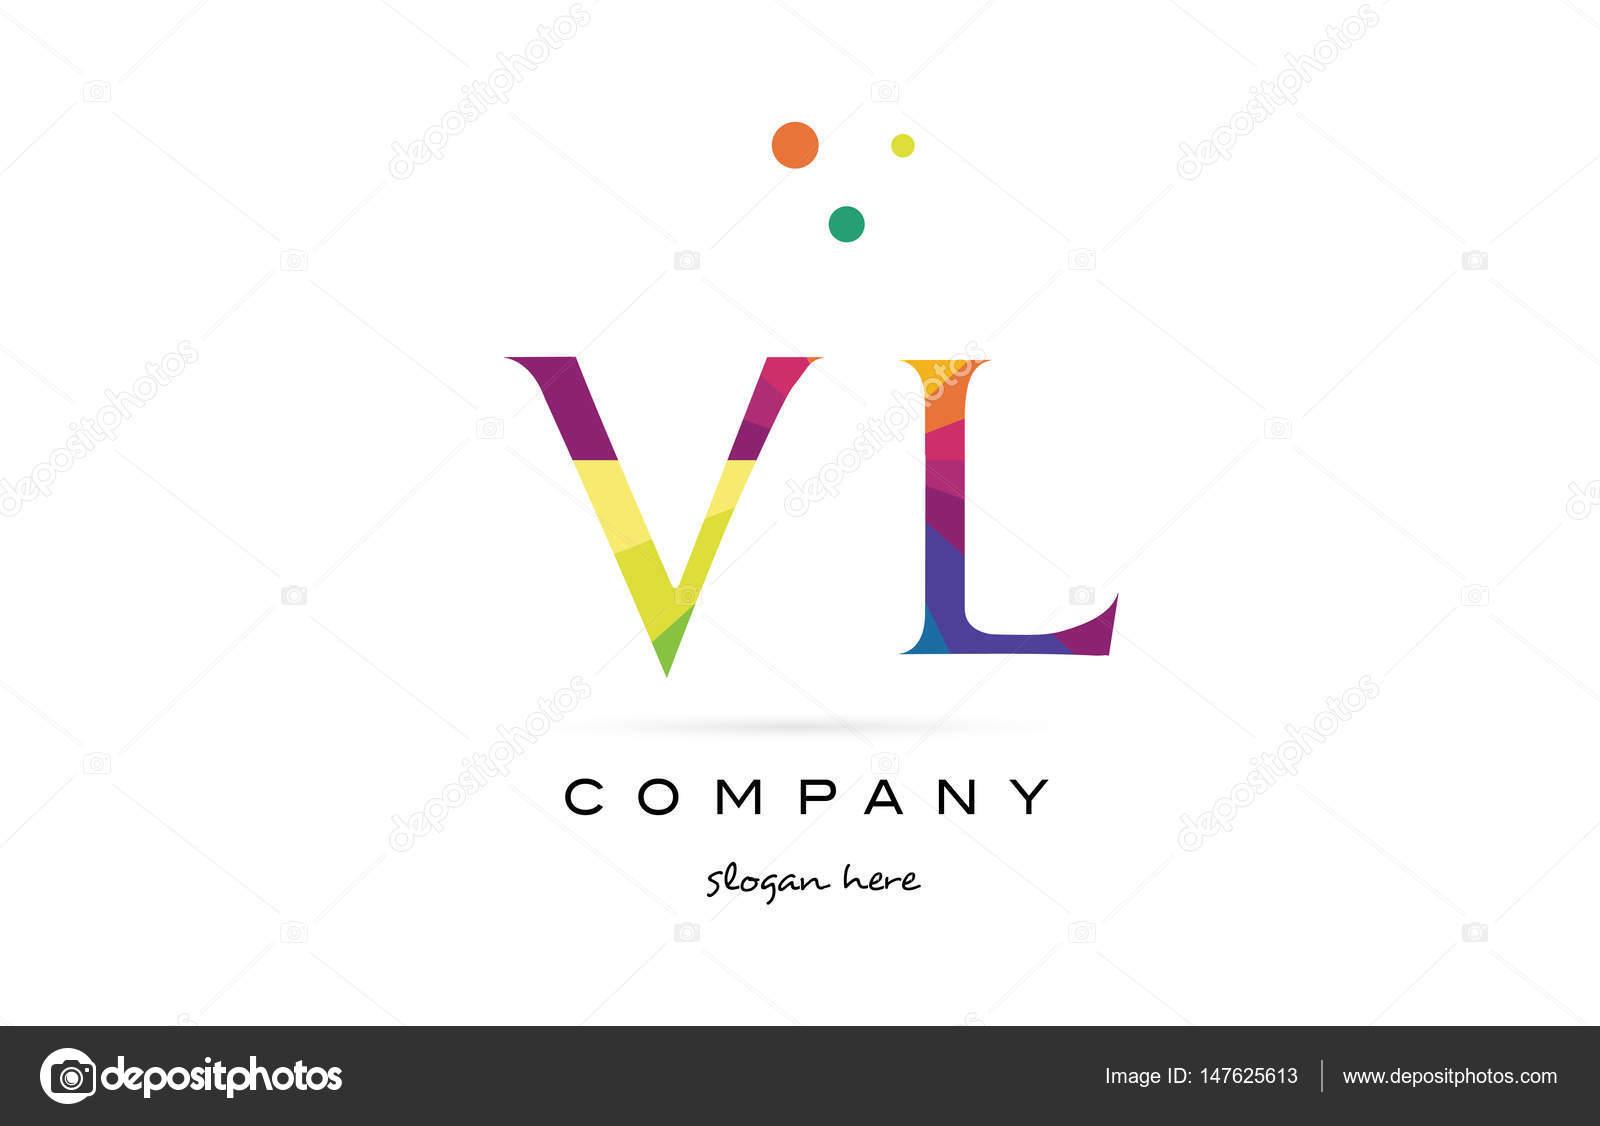 Vl V L Kreative Regenbogen Farben Alphabet Buchstaben Logo Symbol